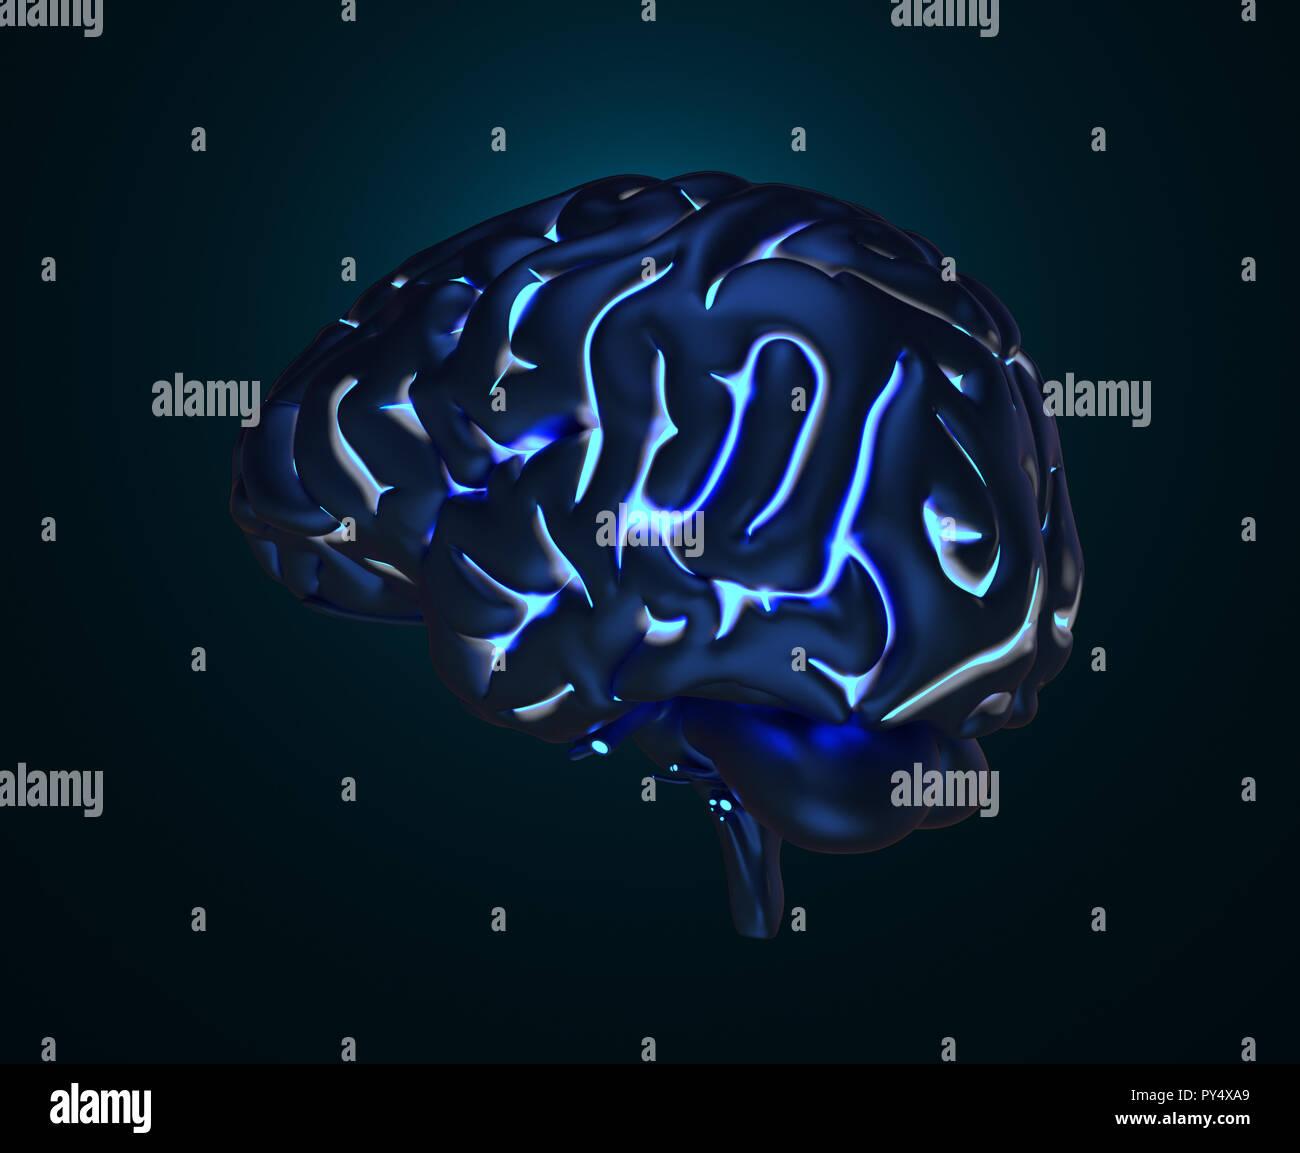 Le cerveau humain avec gyruses lumineux. 3D illustration Photo Stock